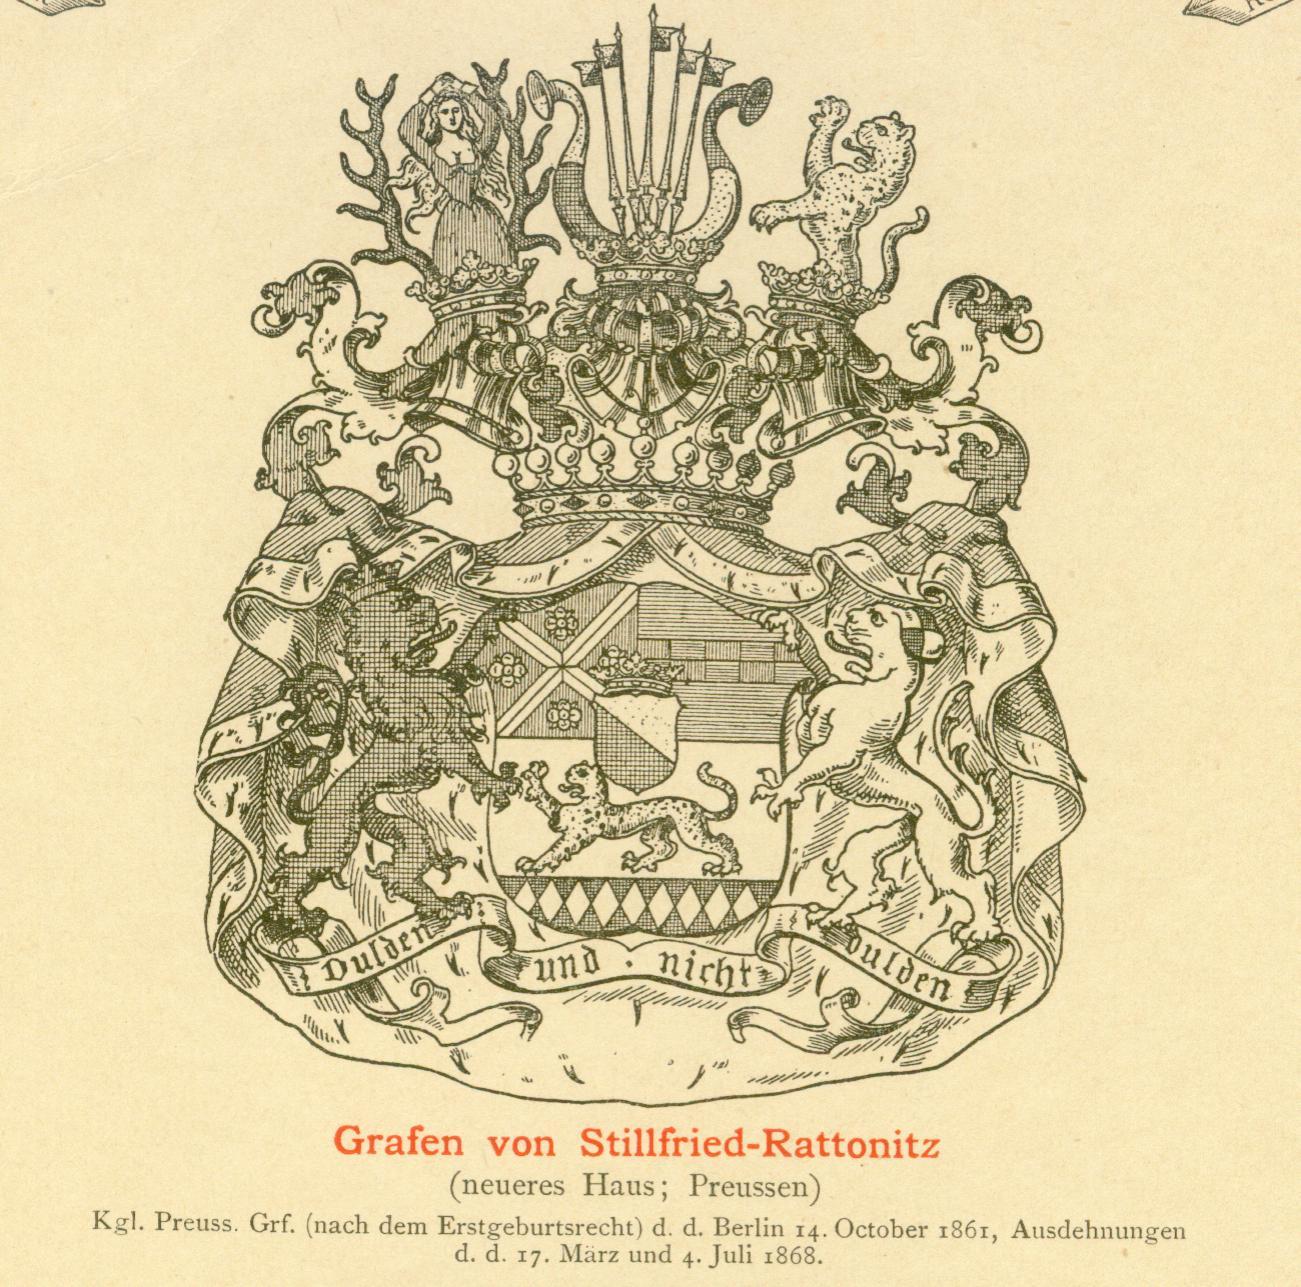 Stillfried-Rattonitz